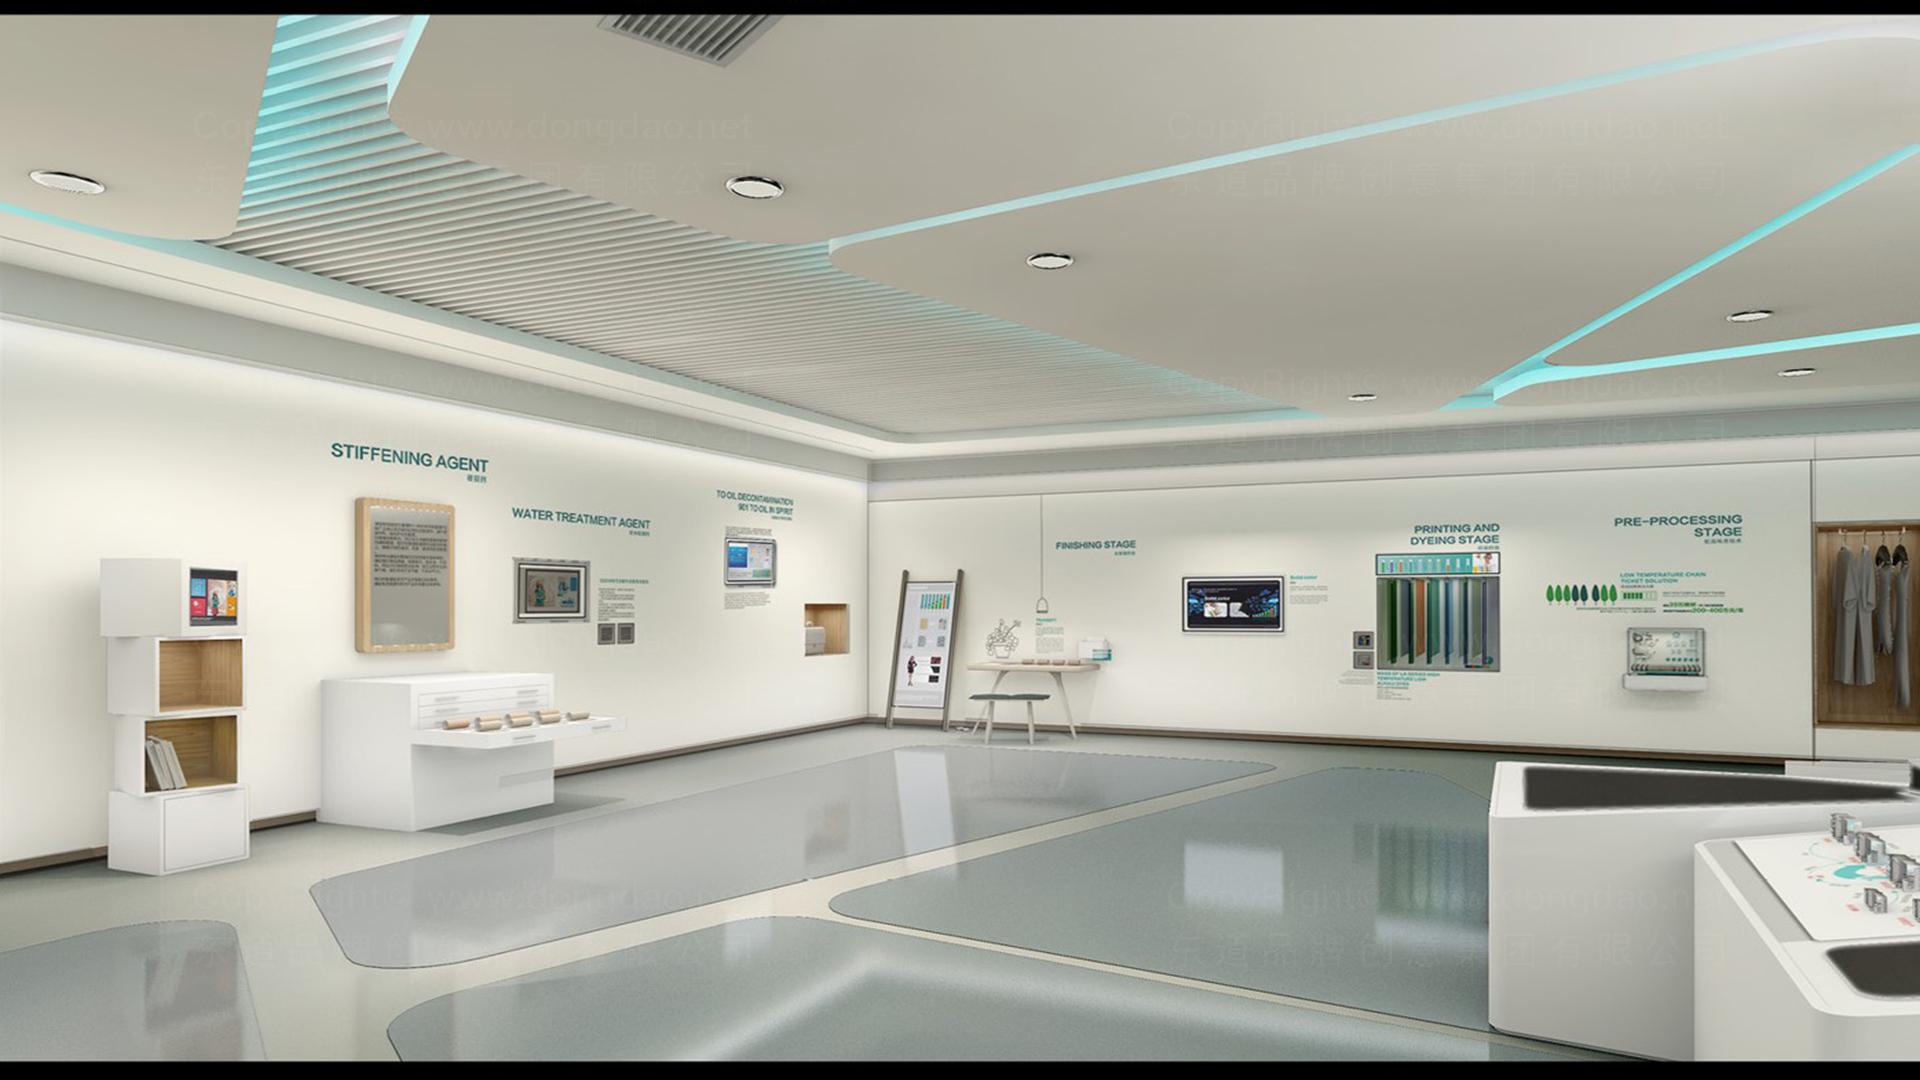 商业空间&导示传化支付展厅设计应用场景_5